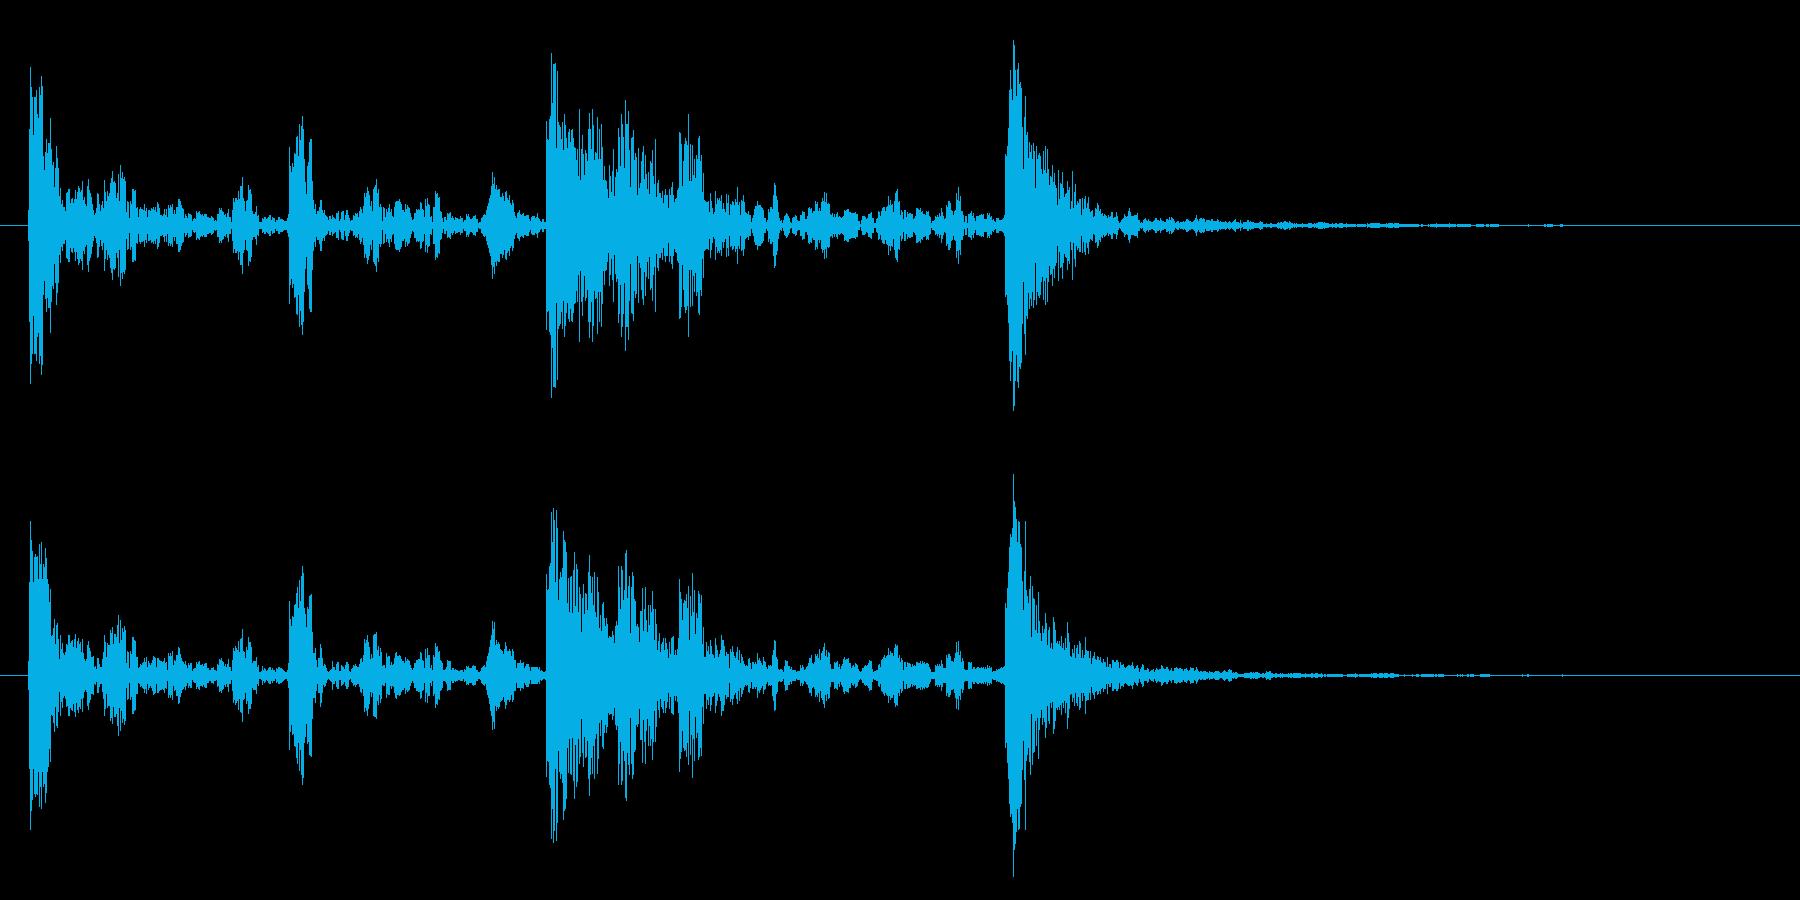 ドラム太鼓系ワンフレーズ ドコドンドンの再生済みの波形